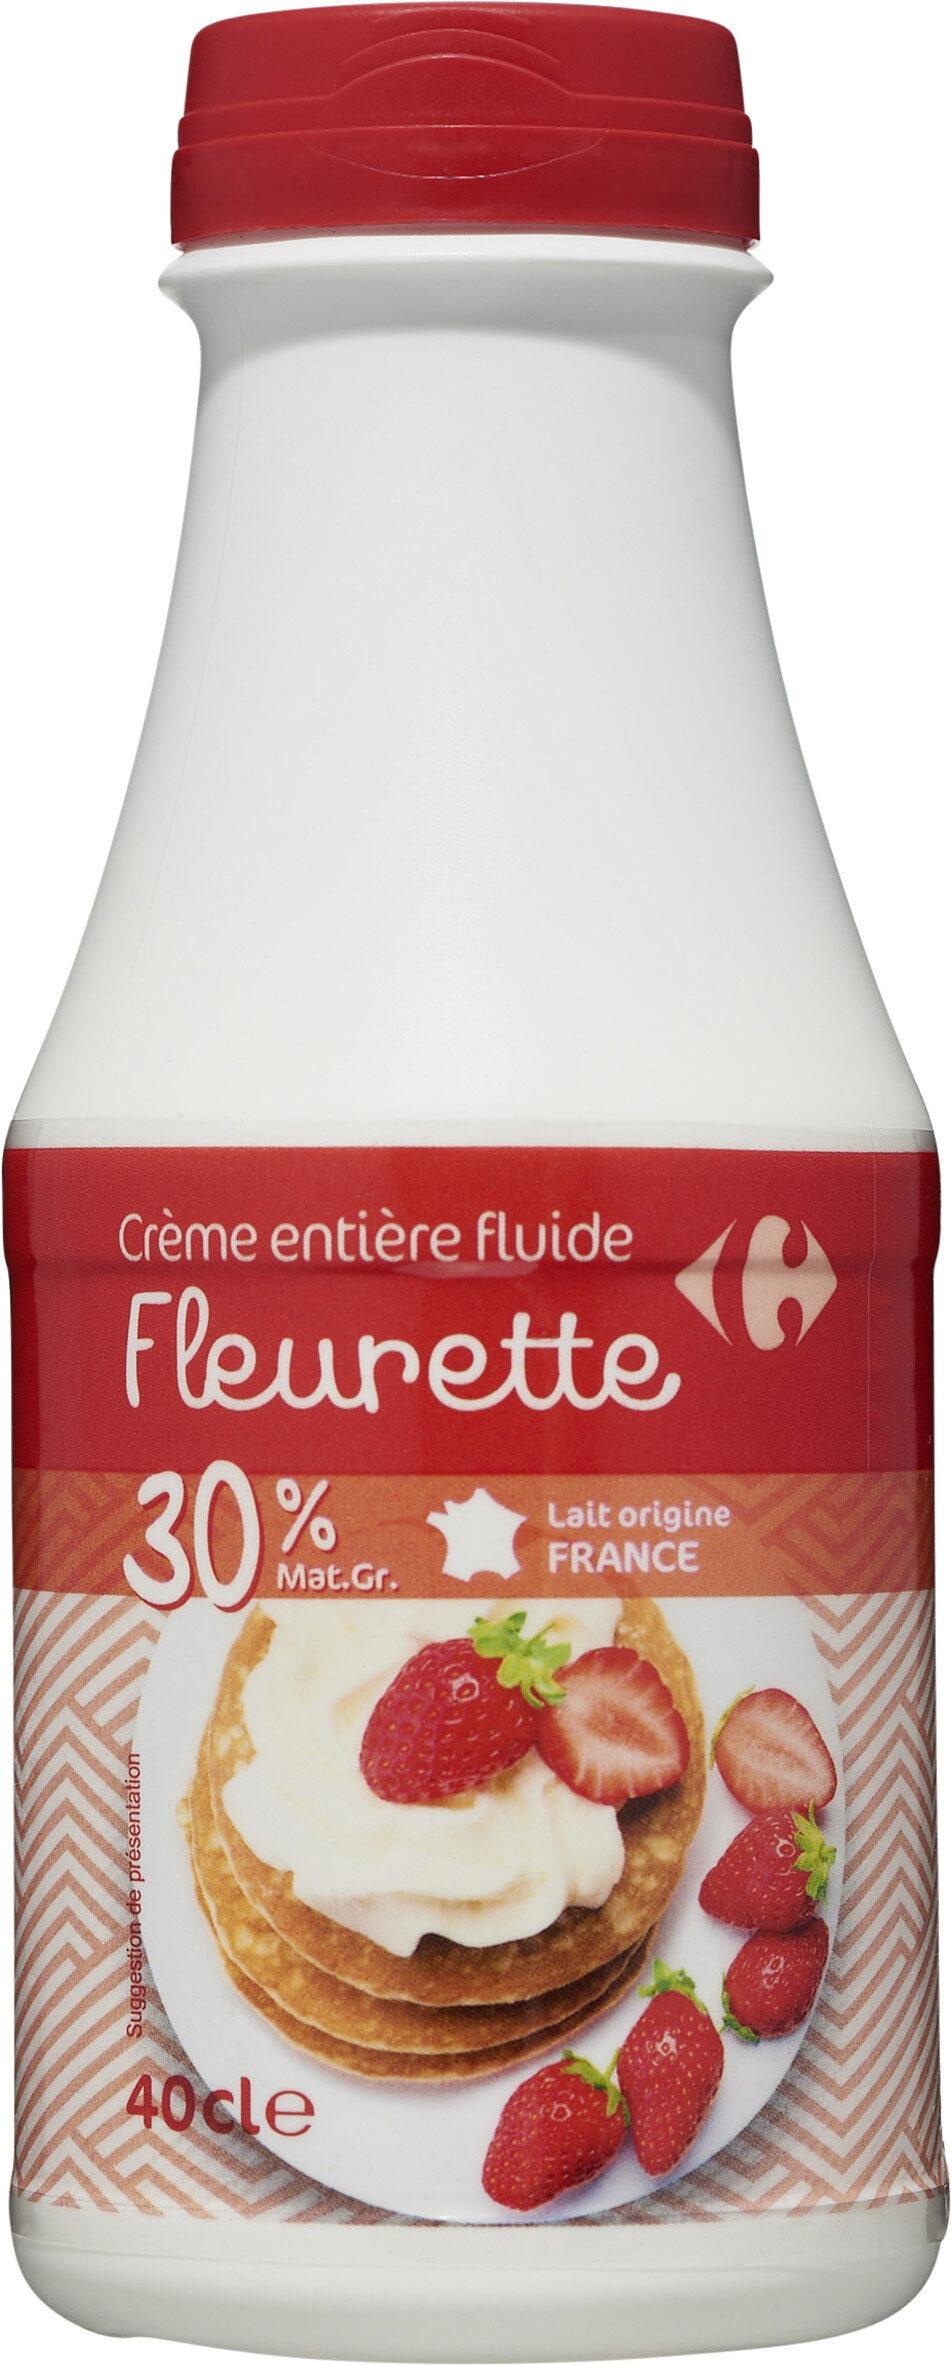 Crème entière fluide Fleurette - Product - fr